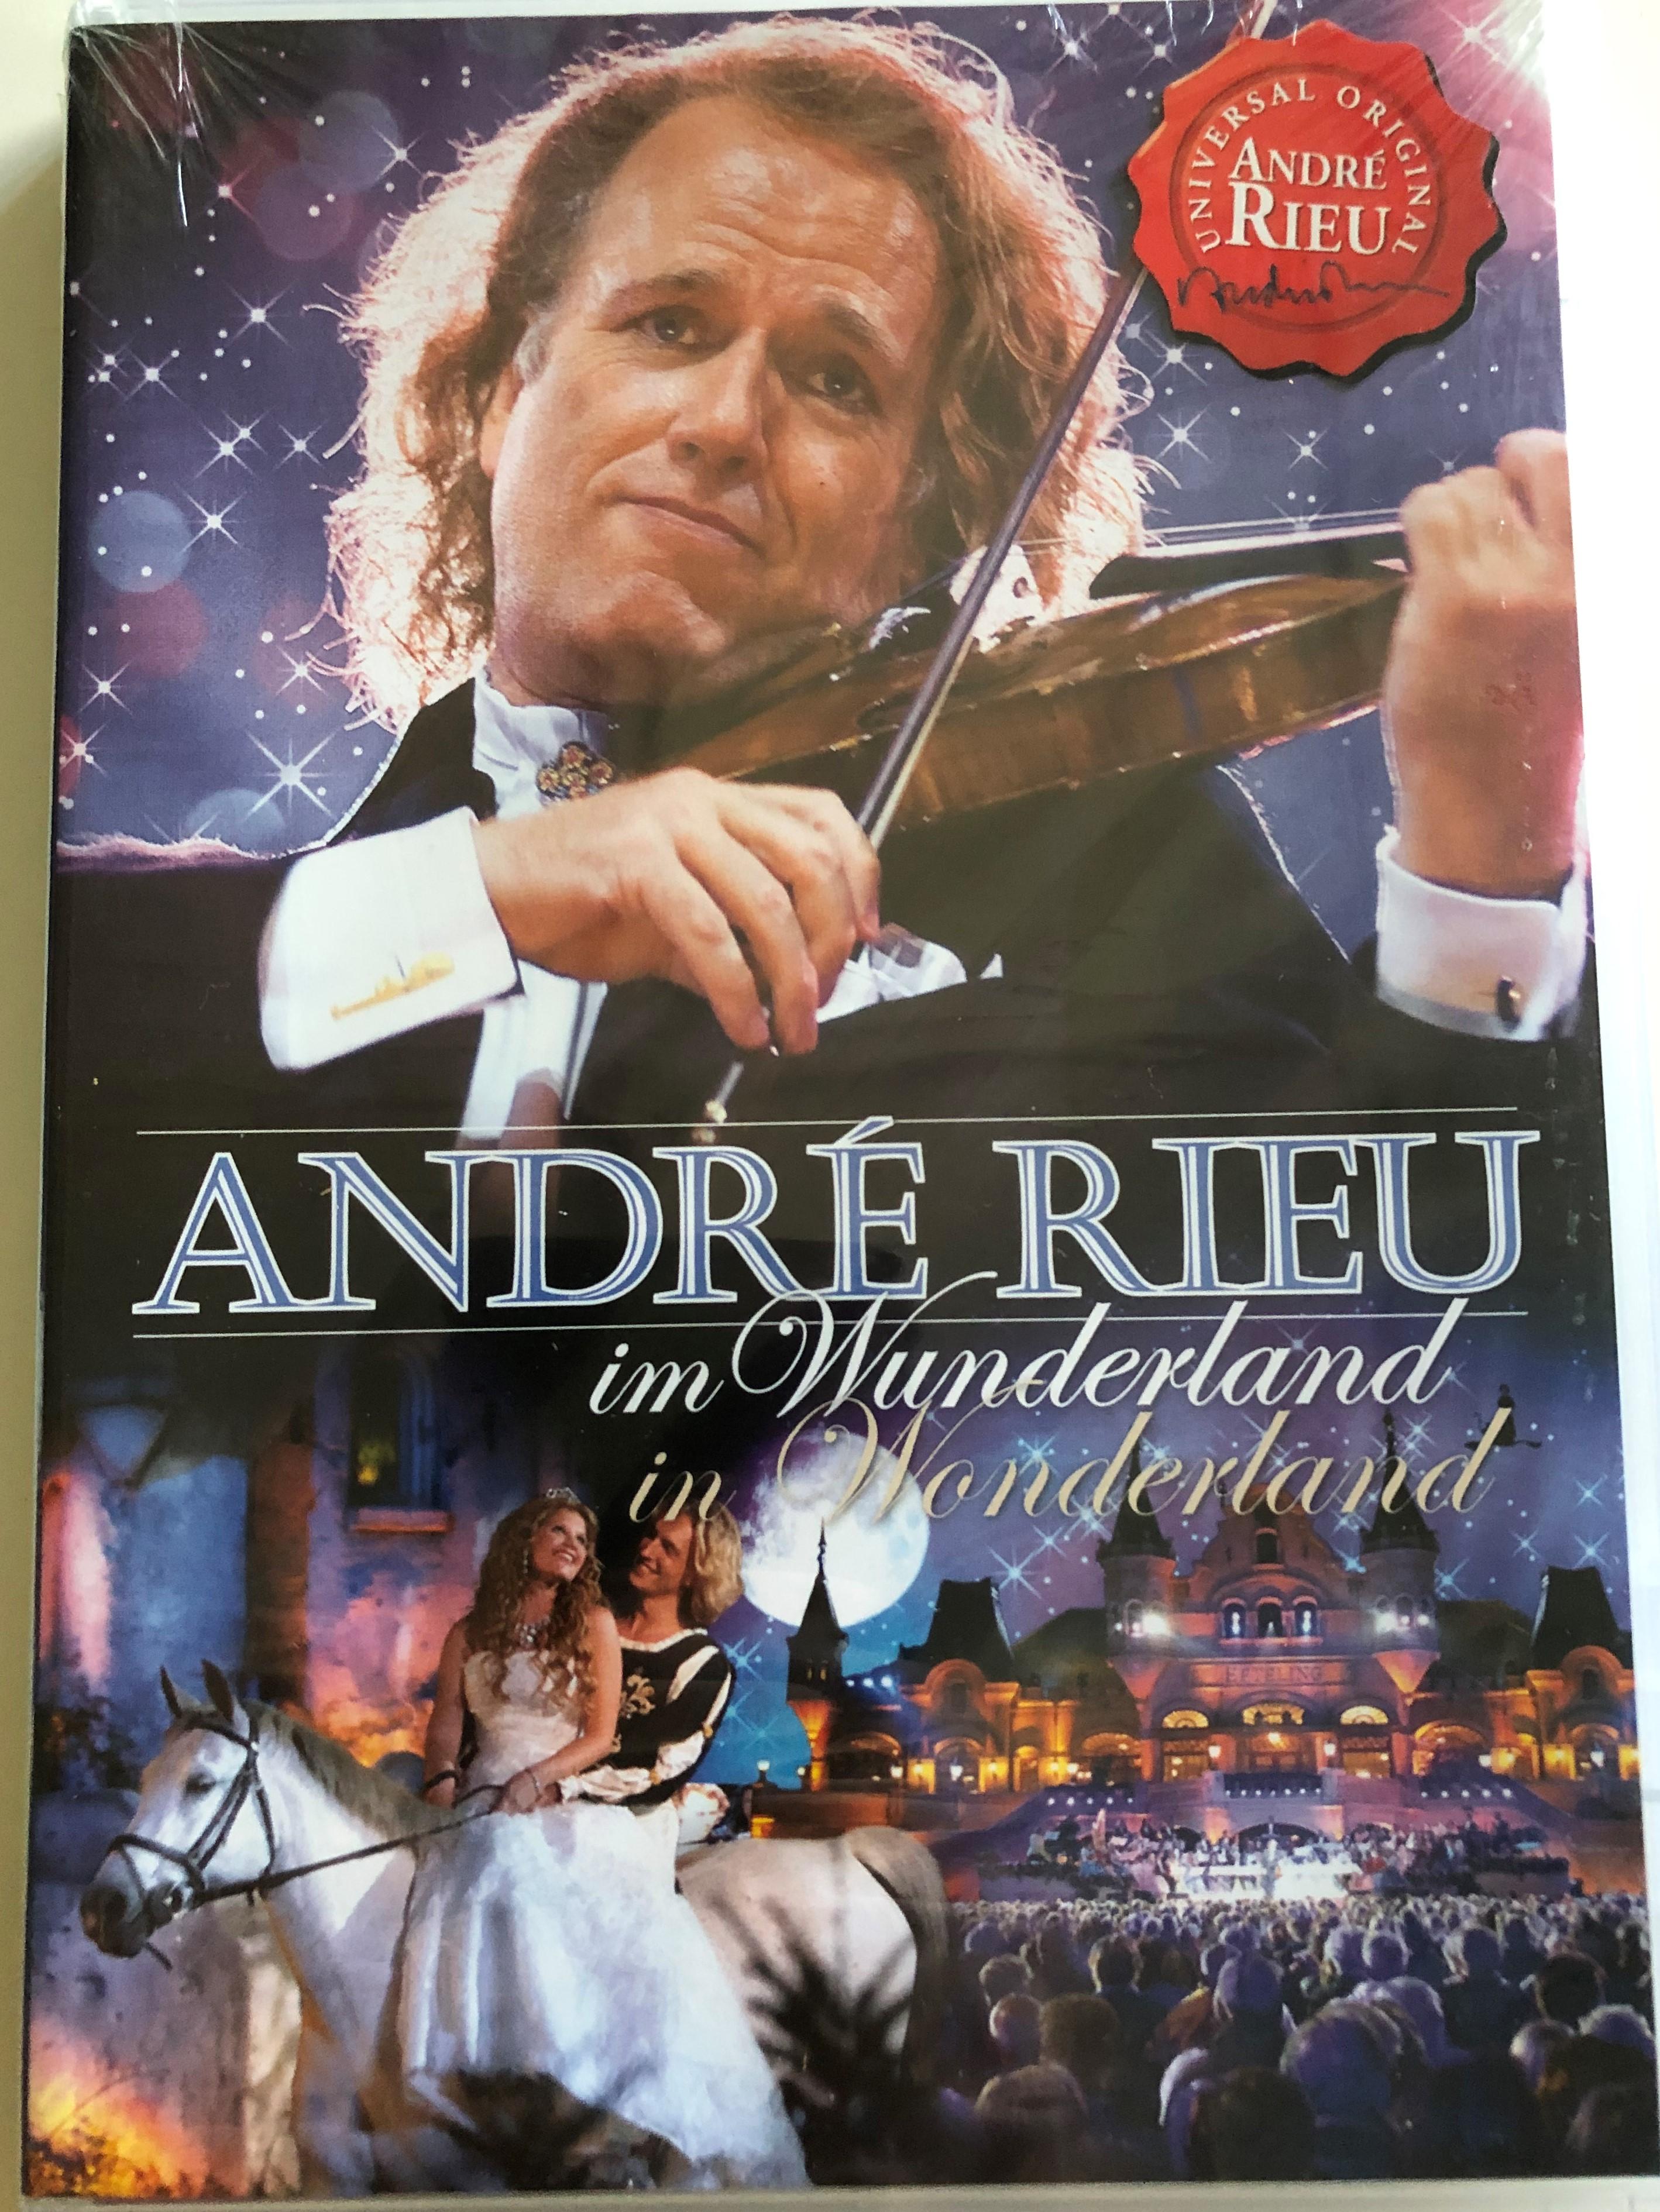 andr-rieu-in-wonderland-dvd-2007-universal-original-dvd-video-concert-1-.jpg